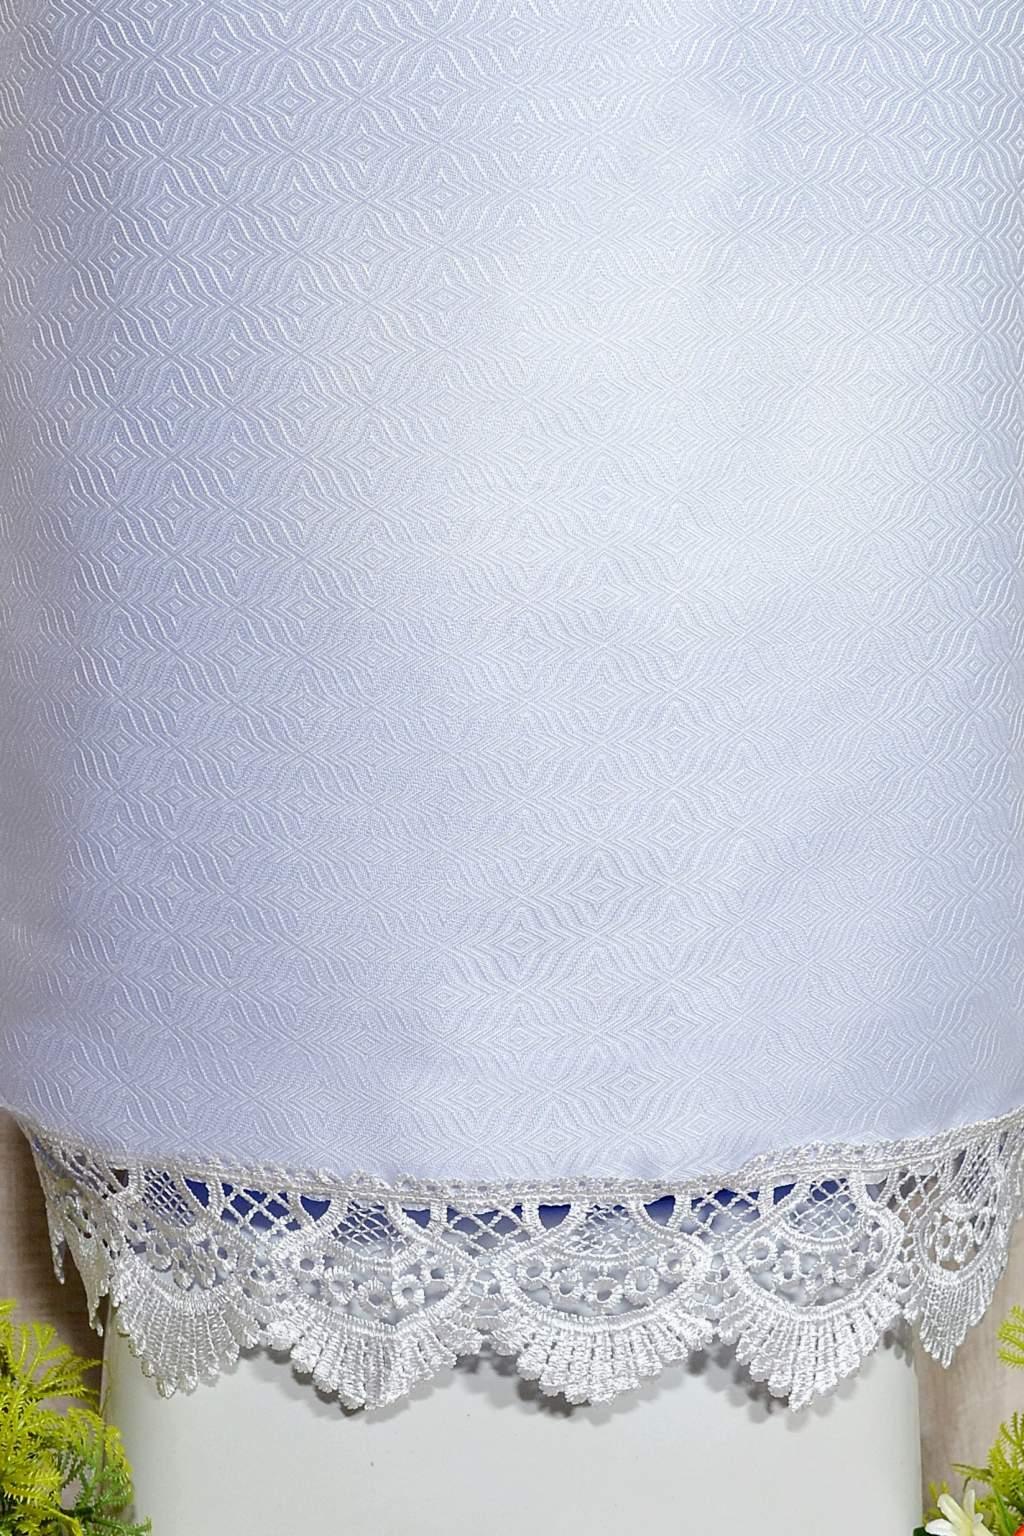 Capa Galão de Água Oxford 20 L - Branca